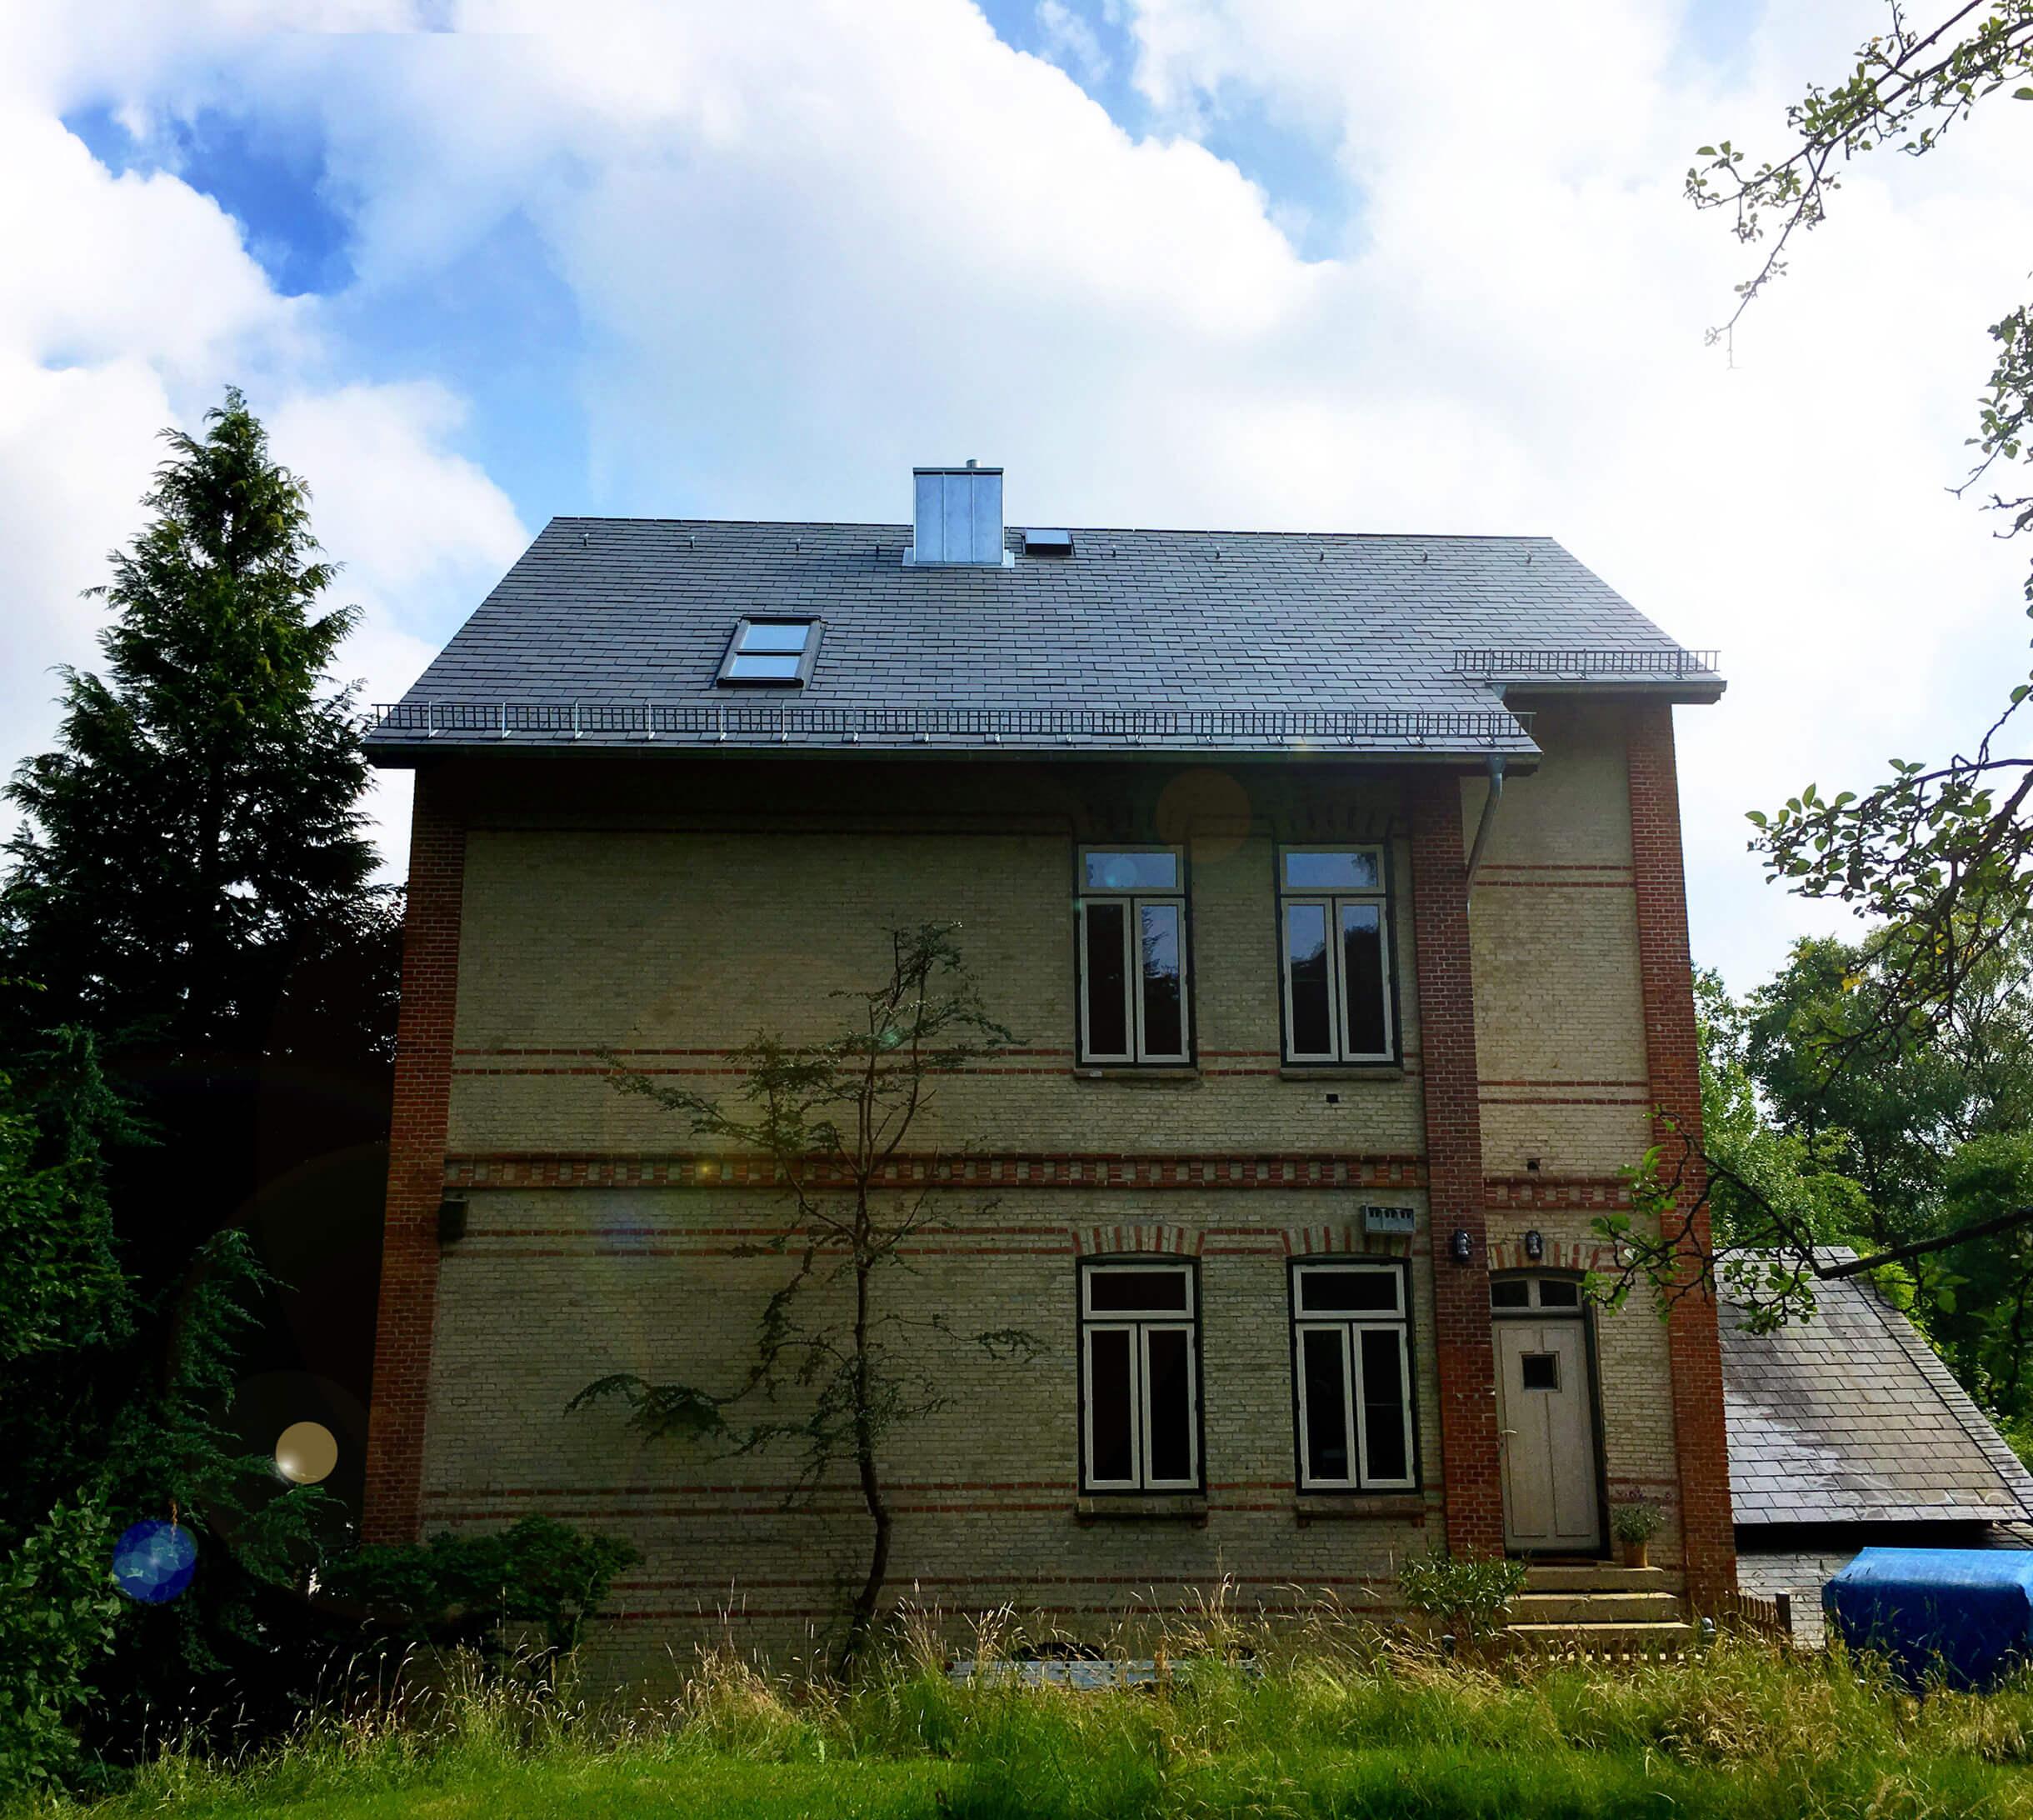 Dachdeckerei_Mundt_Schieferdach